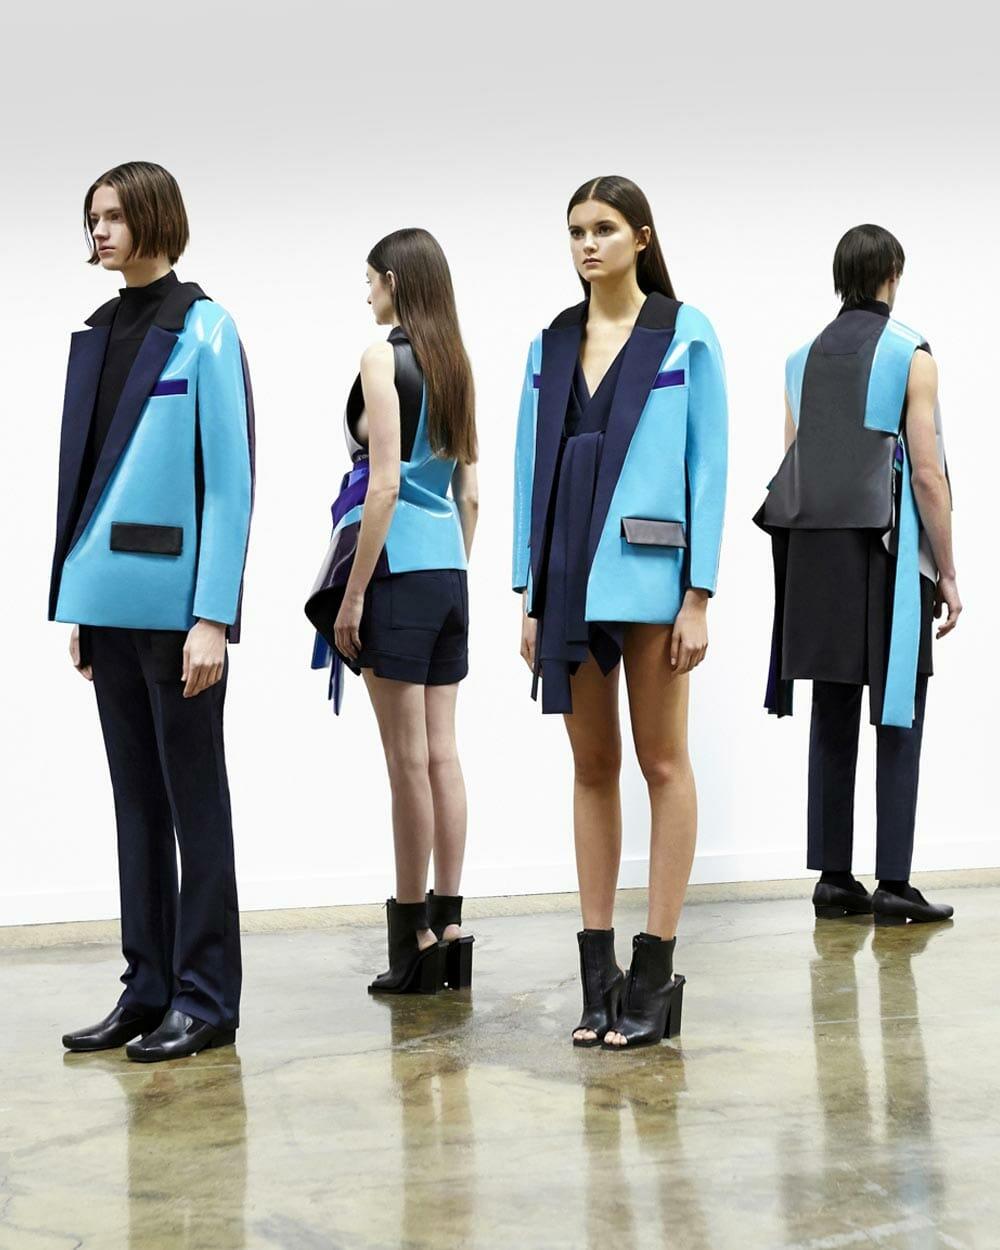 Rad Hourani Androgynous designer clothing